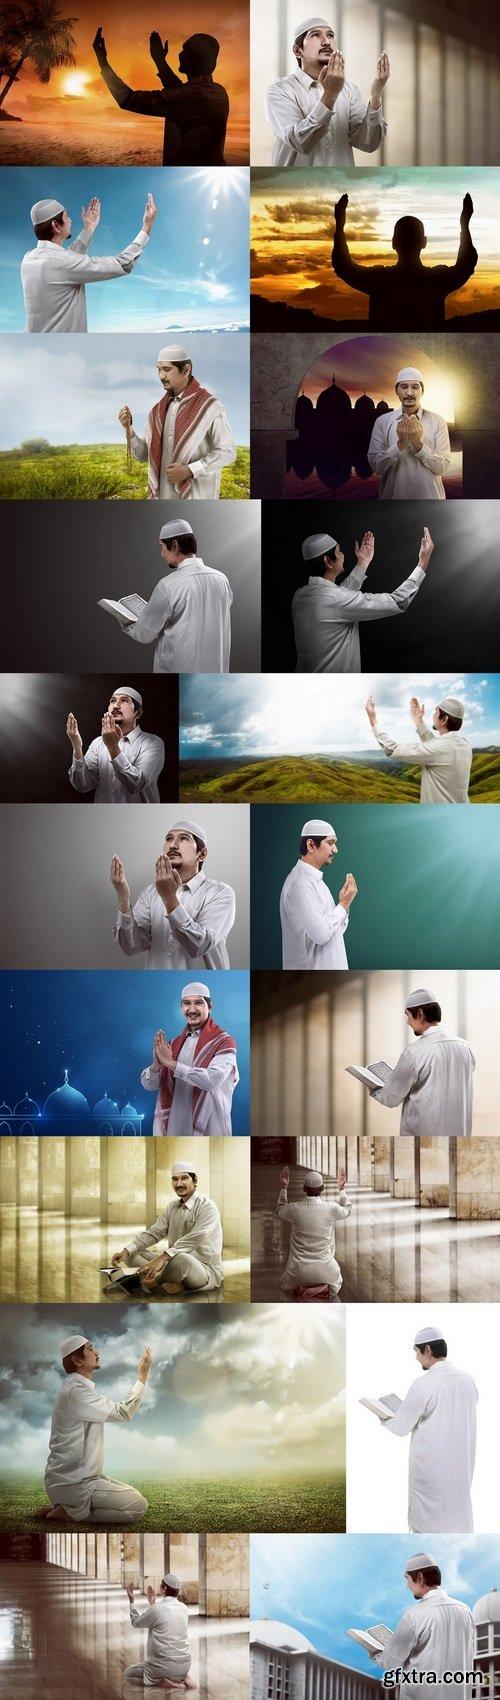 Religious muslim man praying